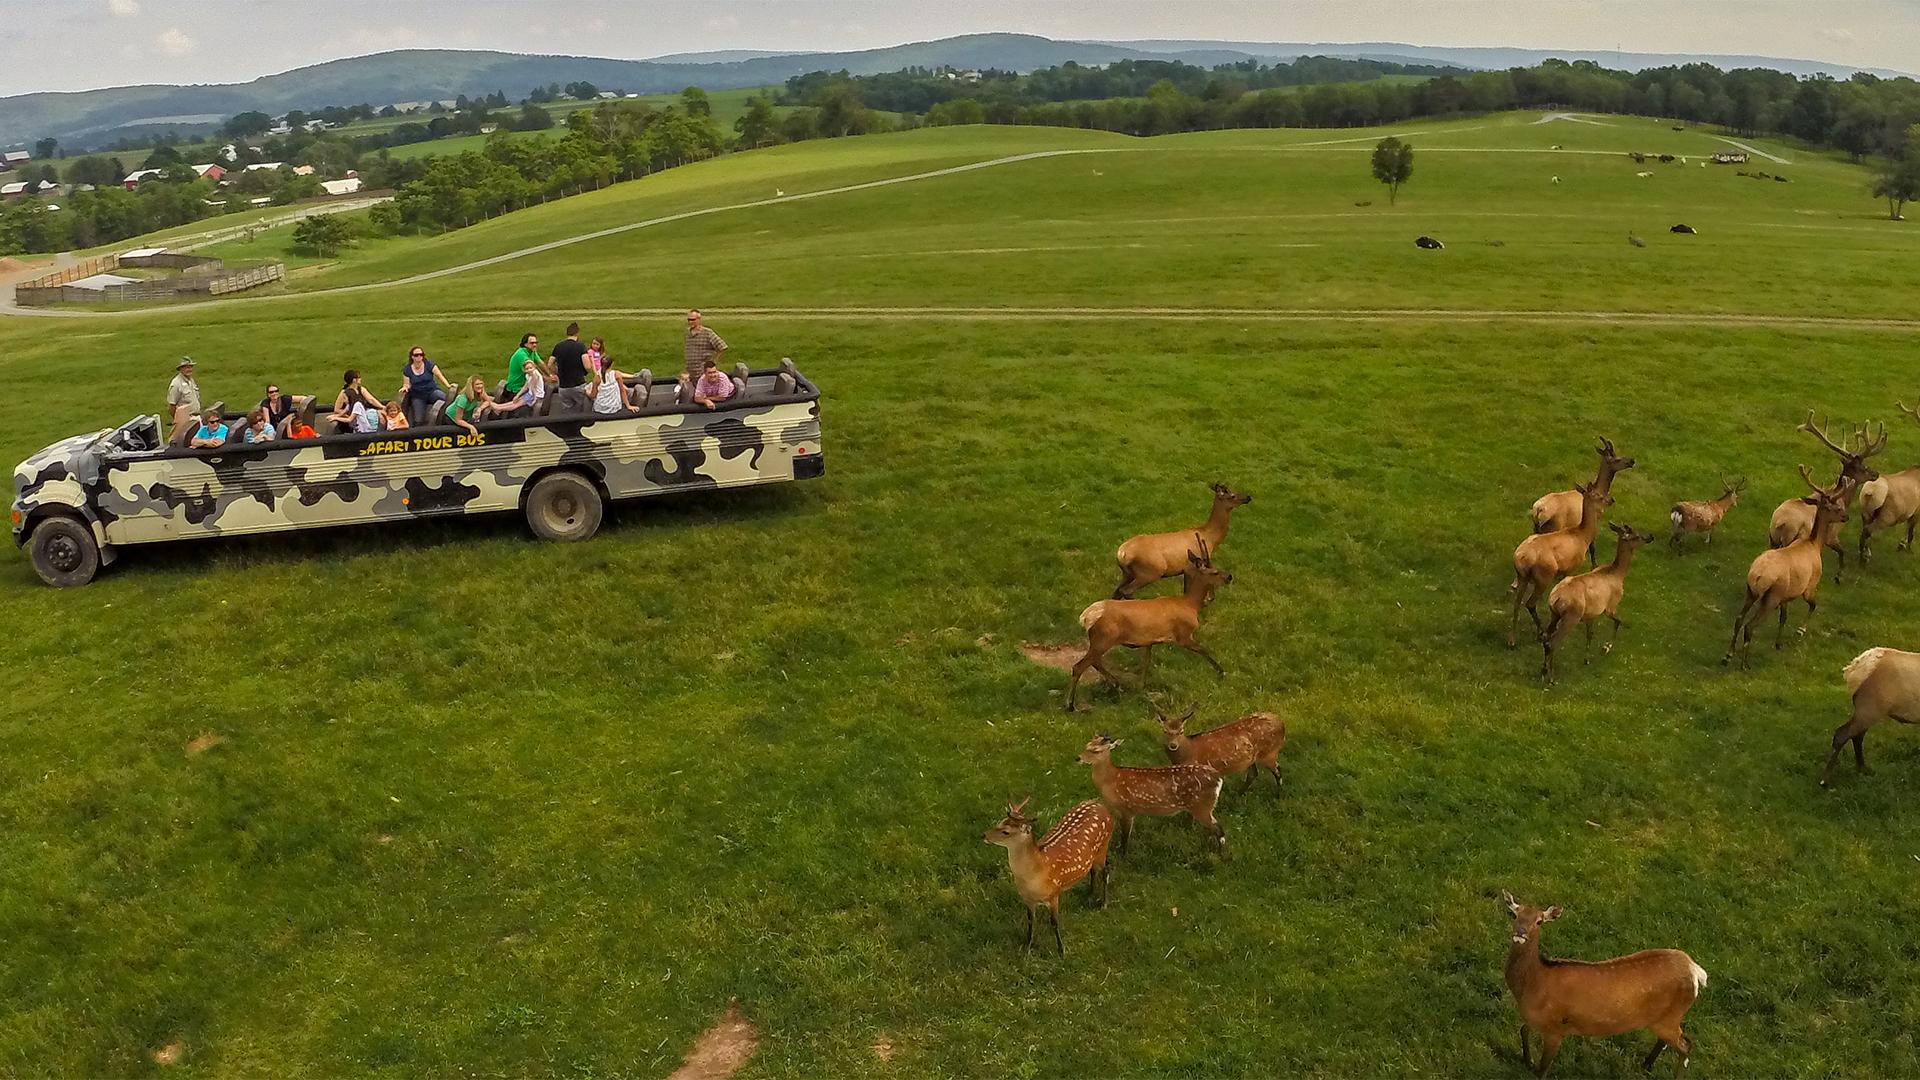 Safari Tours at Lake Tobias Wildlife Park